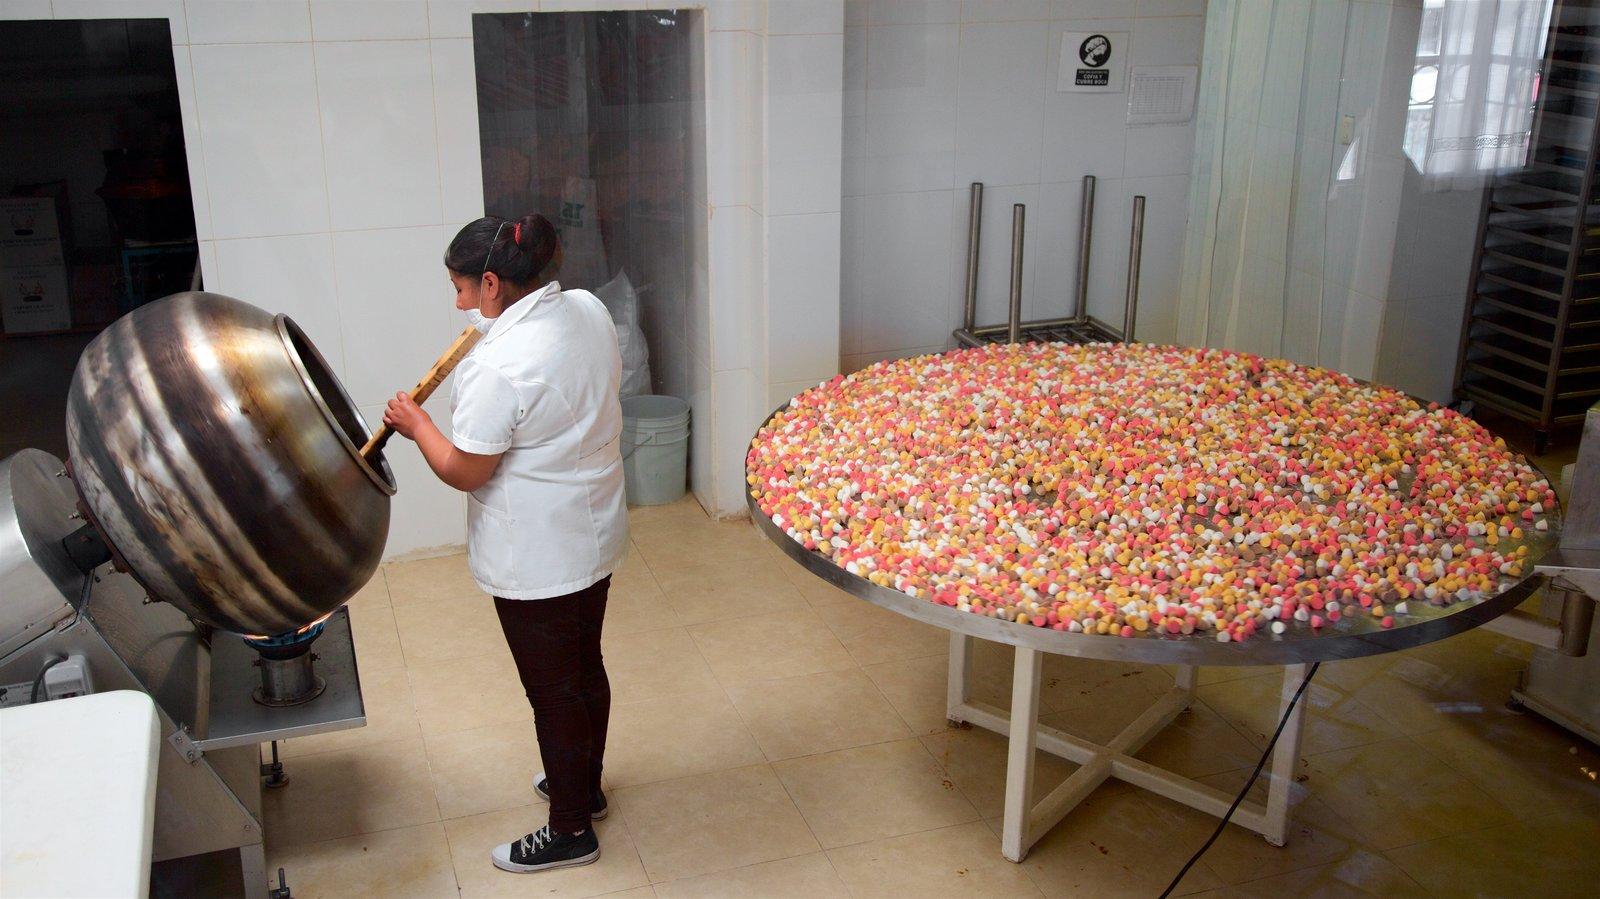 Bernal mostrando vistas internas e comida assim como uma mulher sozinha